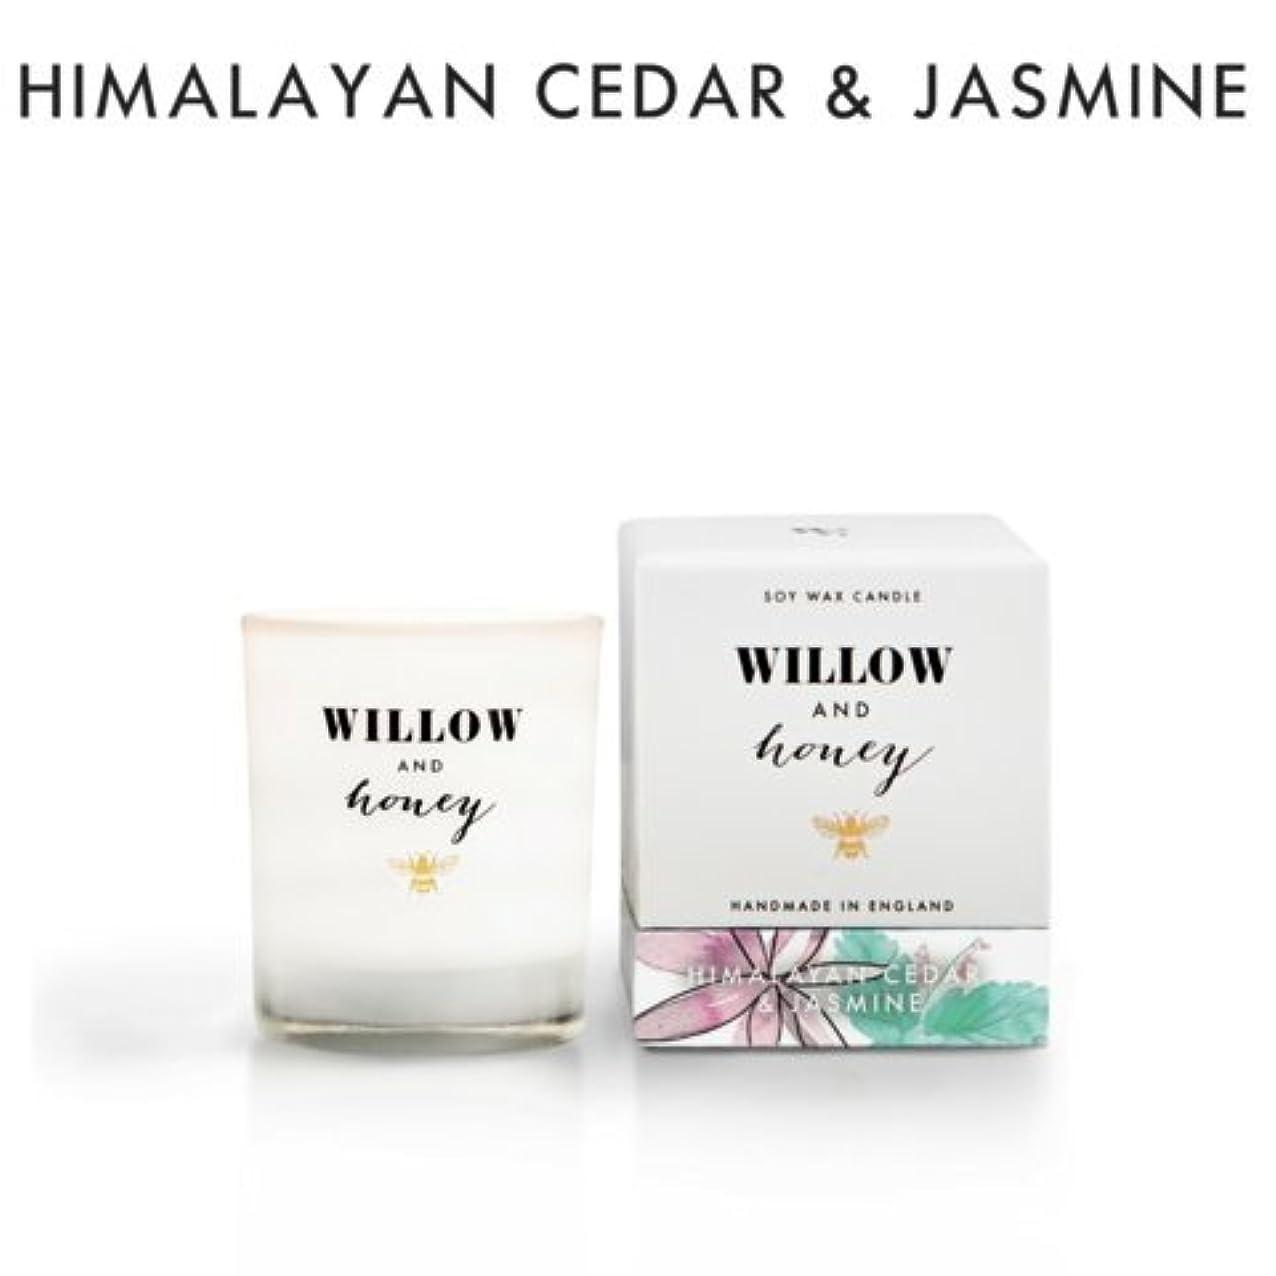 ジョージハンブリー発送スキム大豆ワックスMini香りつきAromatherapy Candle – Fill Your Room withプレミアム天然長持ち香りなし、パラフィンと非毒性15時間燃焼時間理想的なギフト